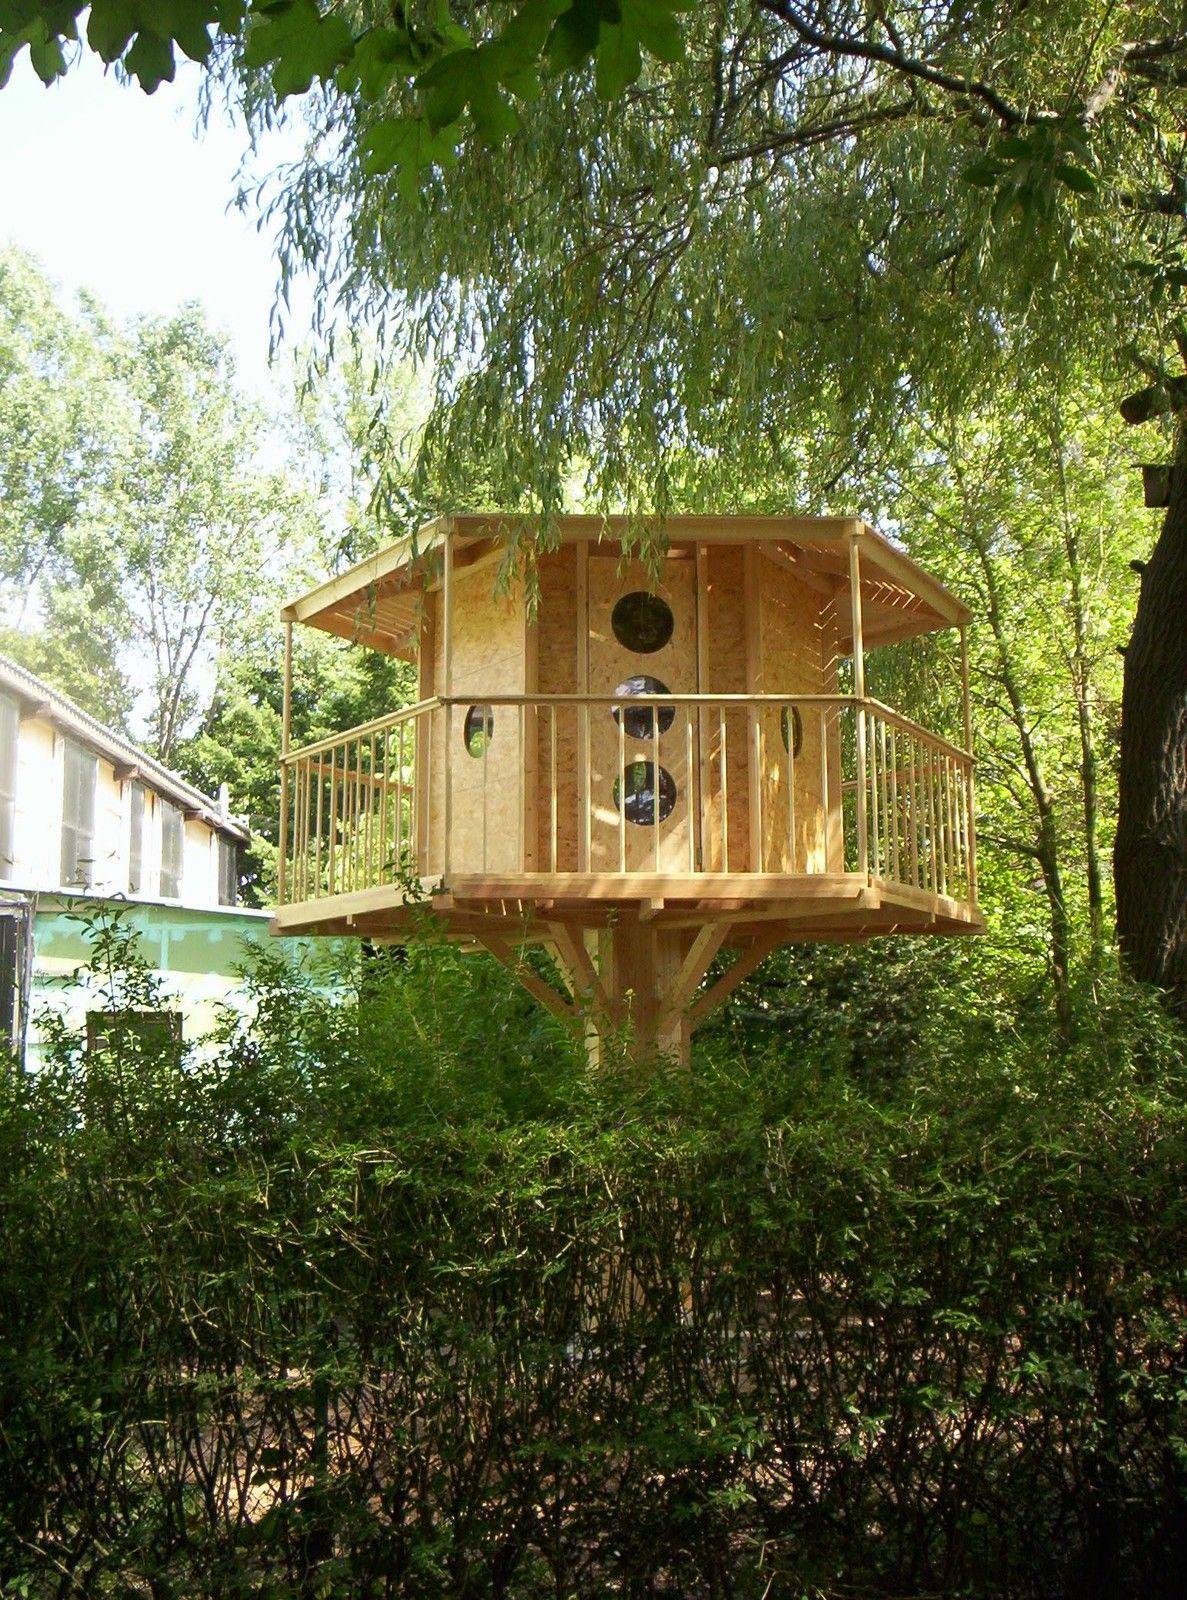 baumhaus einfach selbst bauen der bauplan hier bauanleitung kinder haus ebay diy pinterest. Black Bedroom Furniture Sets. Home Design Ideas